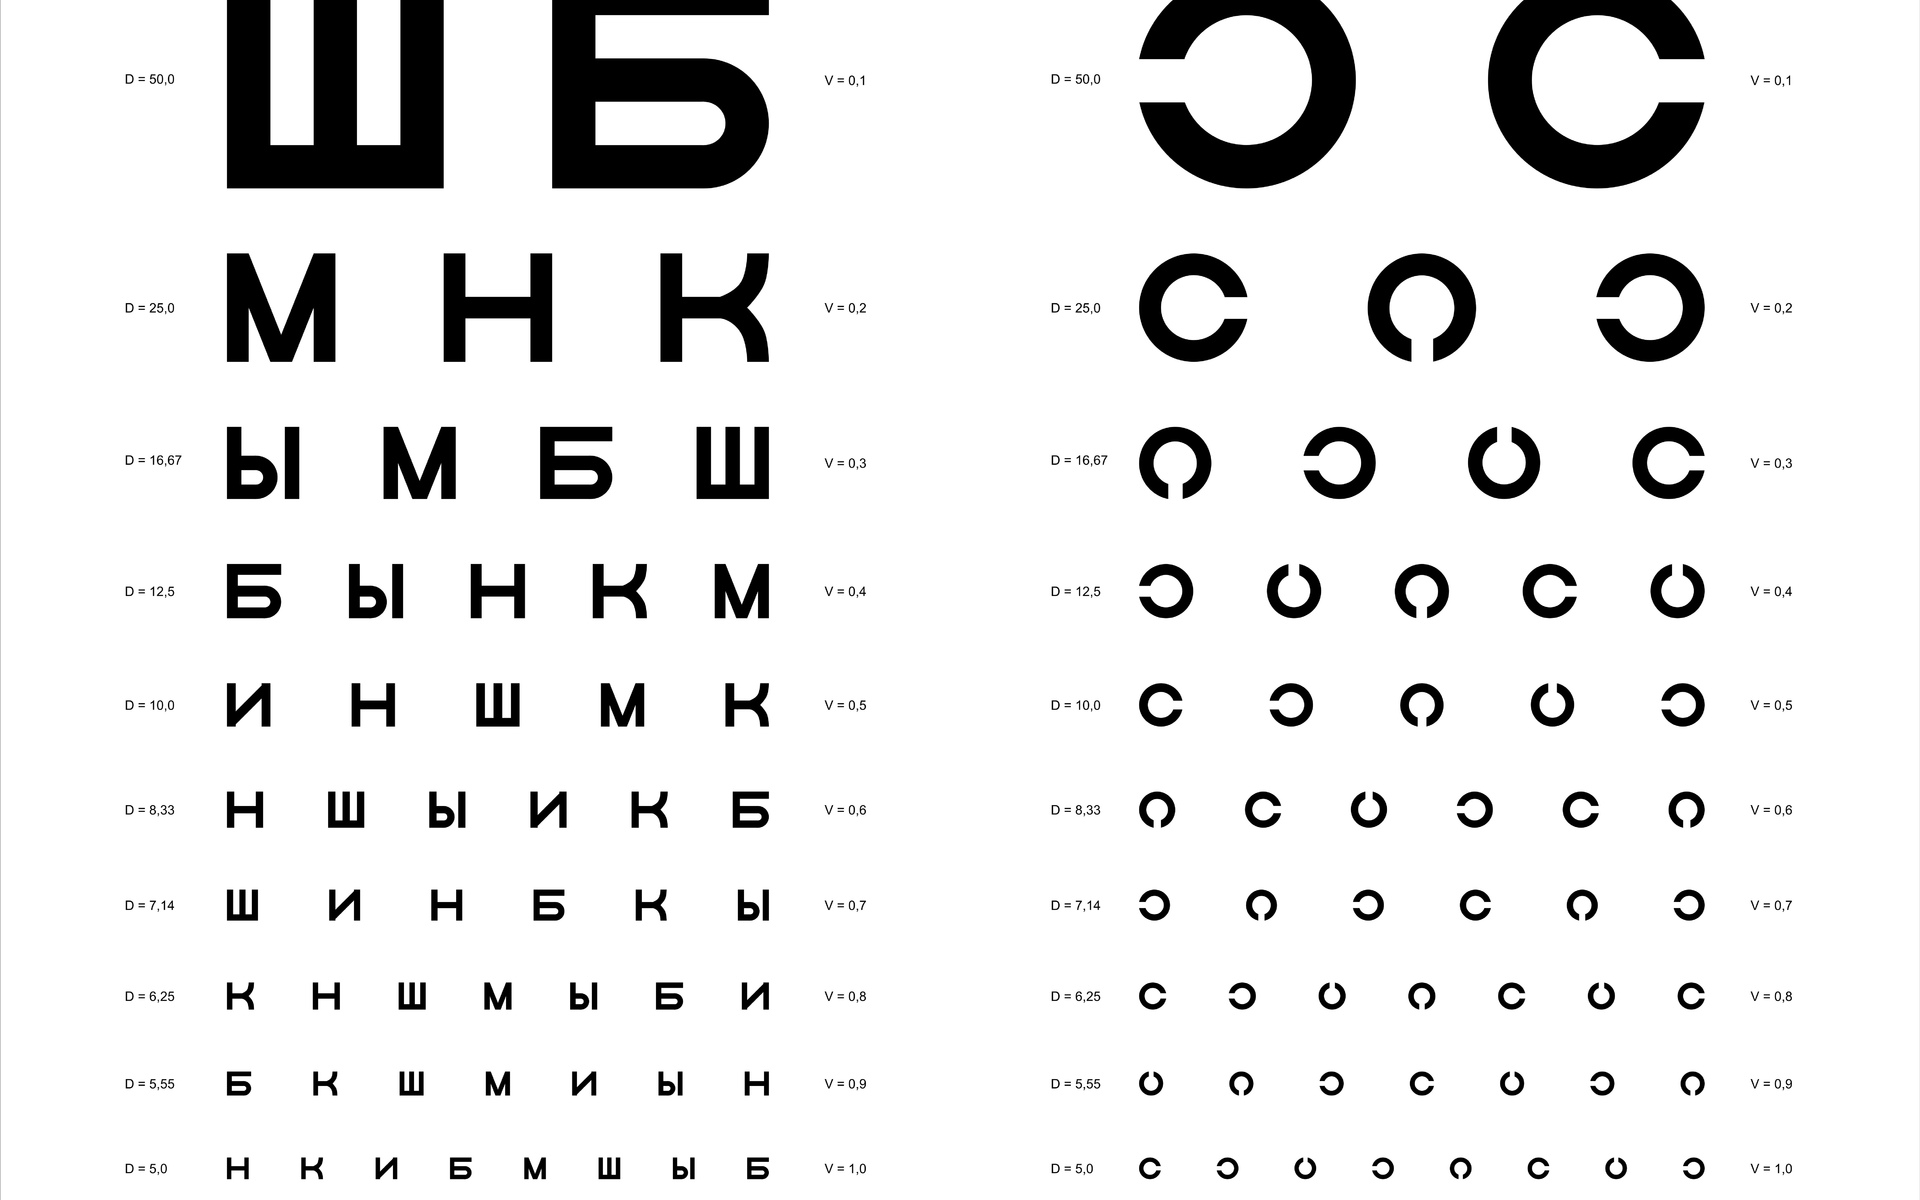 látáshibák javítása